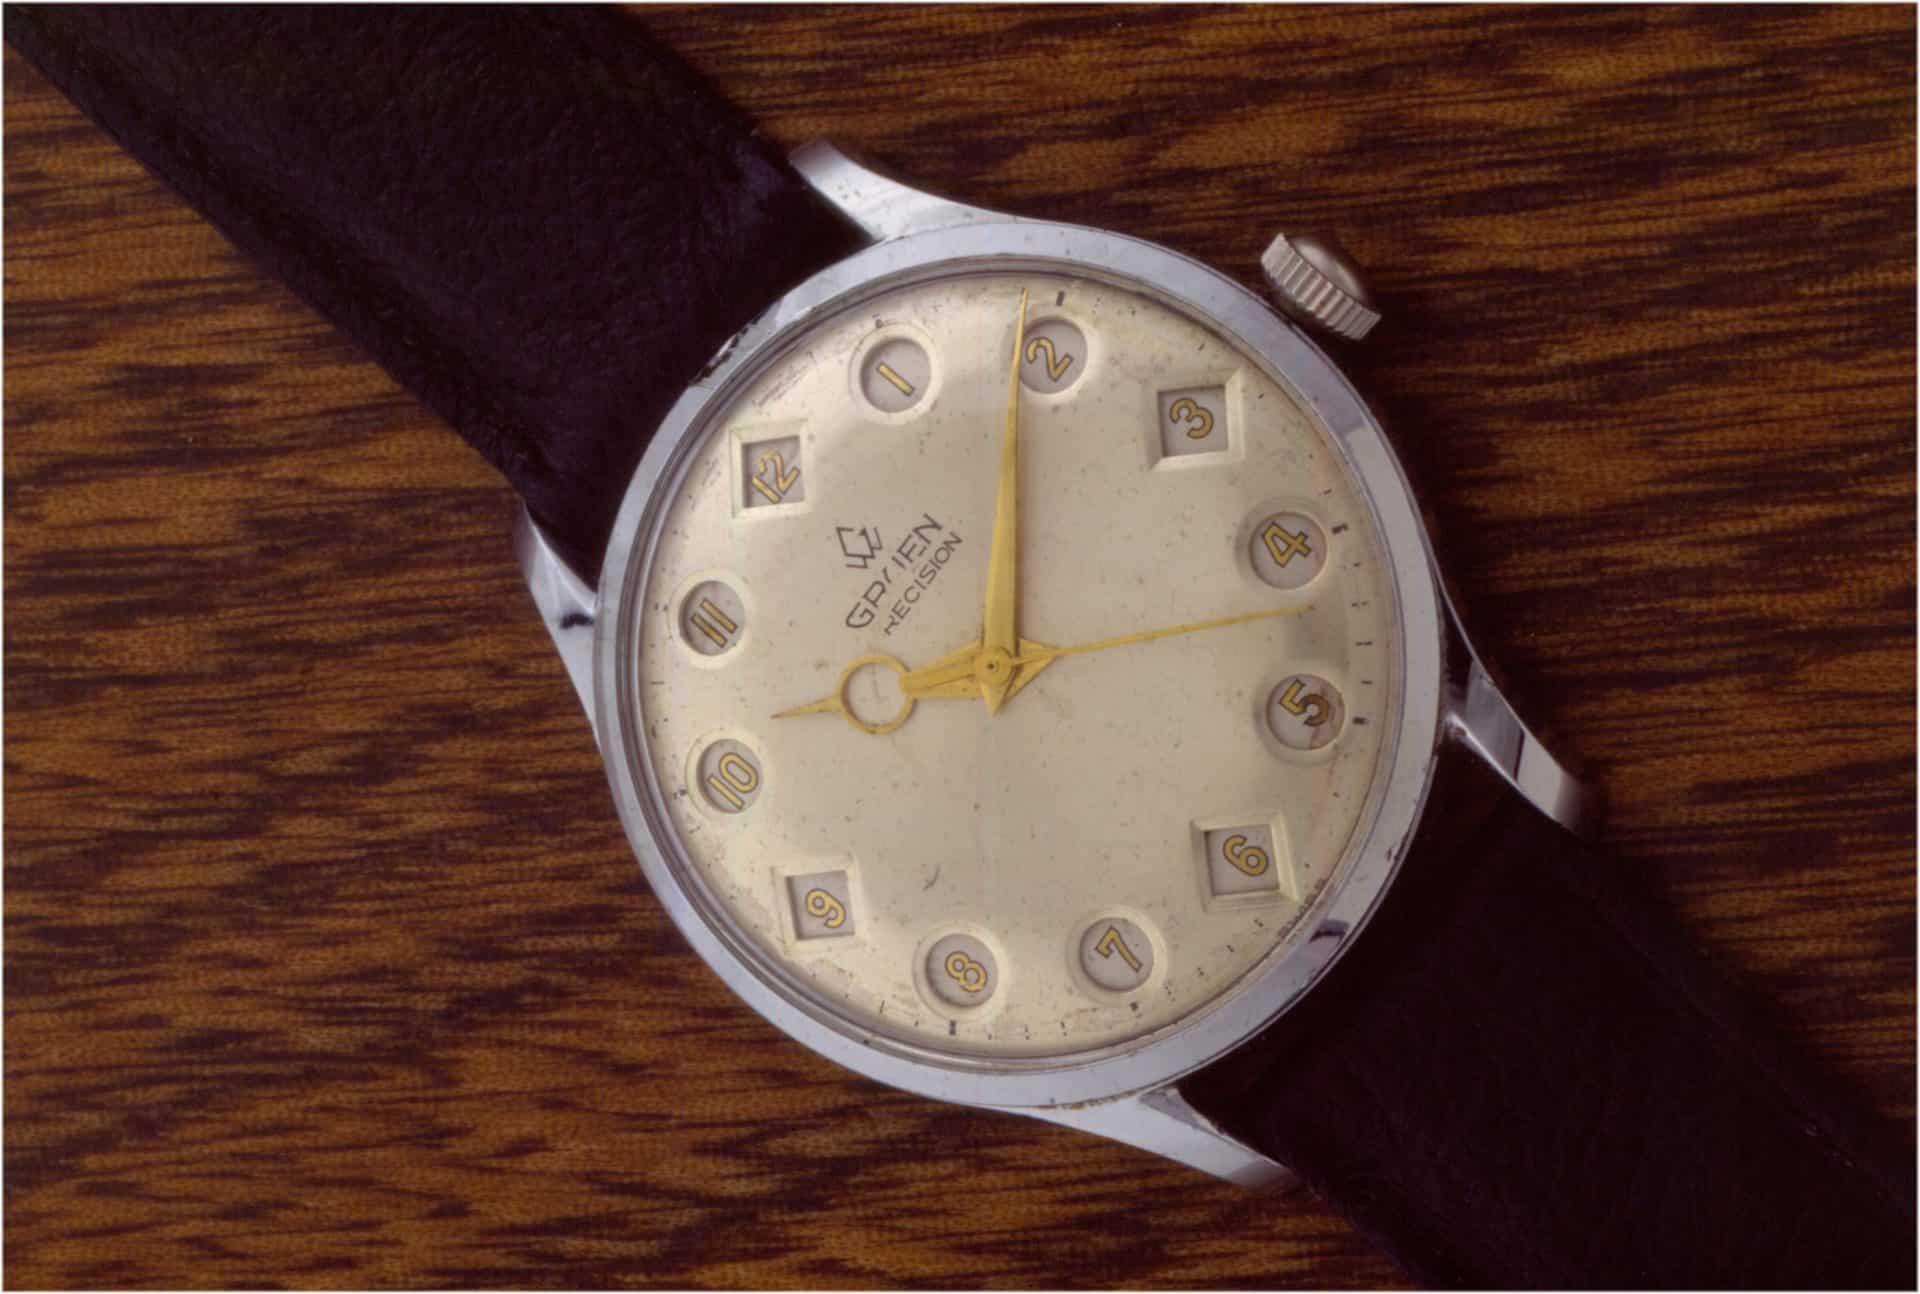 Gruen Precision Super G Springende Stunden mit Anzeige der Stunden von 1 bis 12